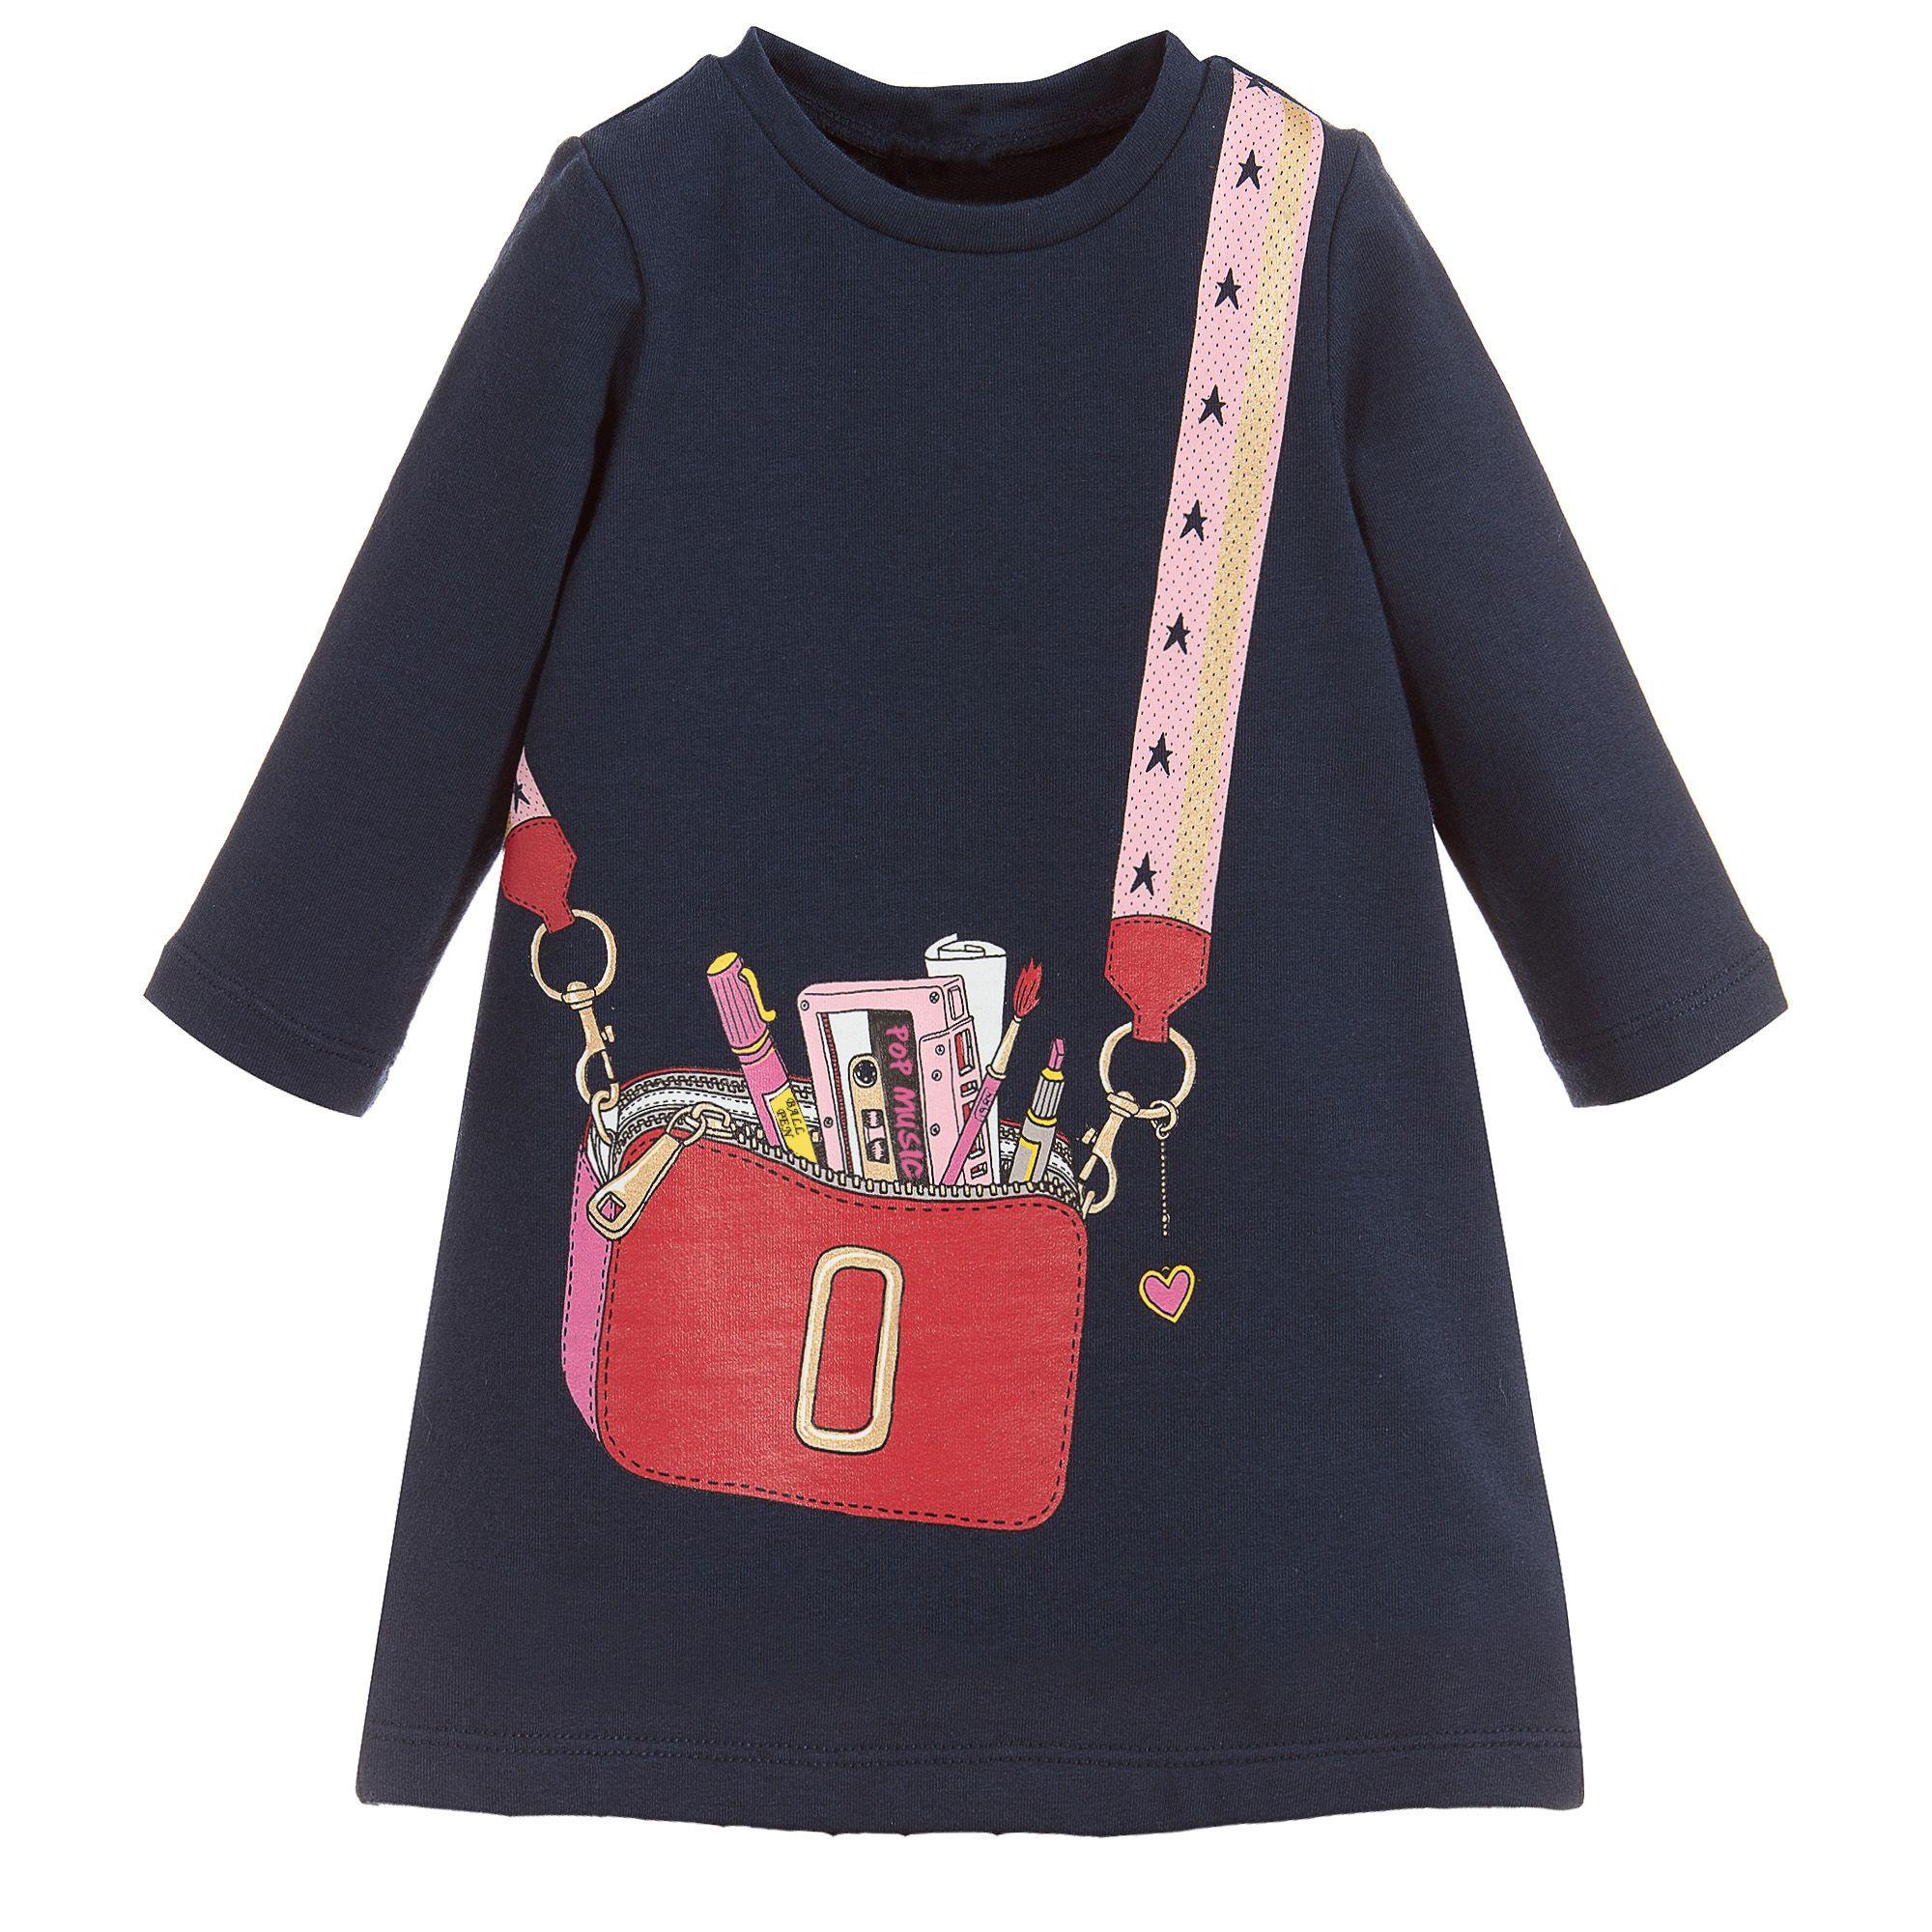 Enfants robes pour filles licorne Vestidos 2019 automne hiver bébé fille vêtements enfants Costume Animal Appliques robe de princesse